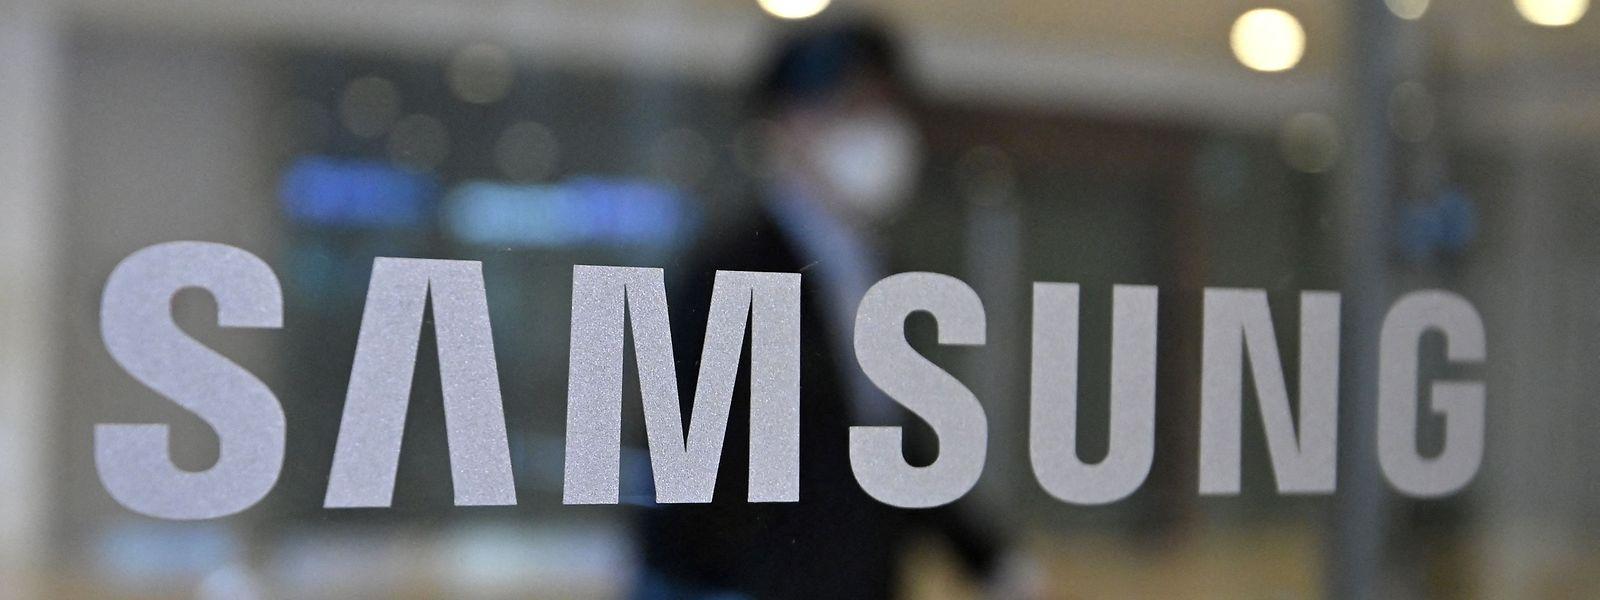 Südkorea wird im Volksmund als Samsung-Republik bezeichnet. Die Erbschaftssteuer beträgt hier weltweit einmalige 50 Prozent.